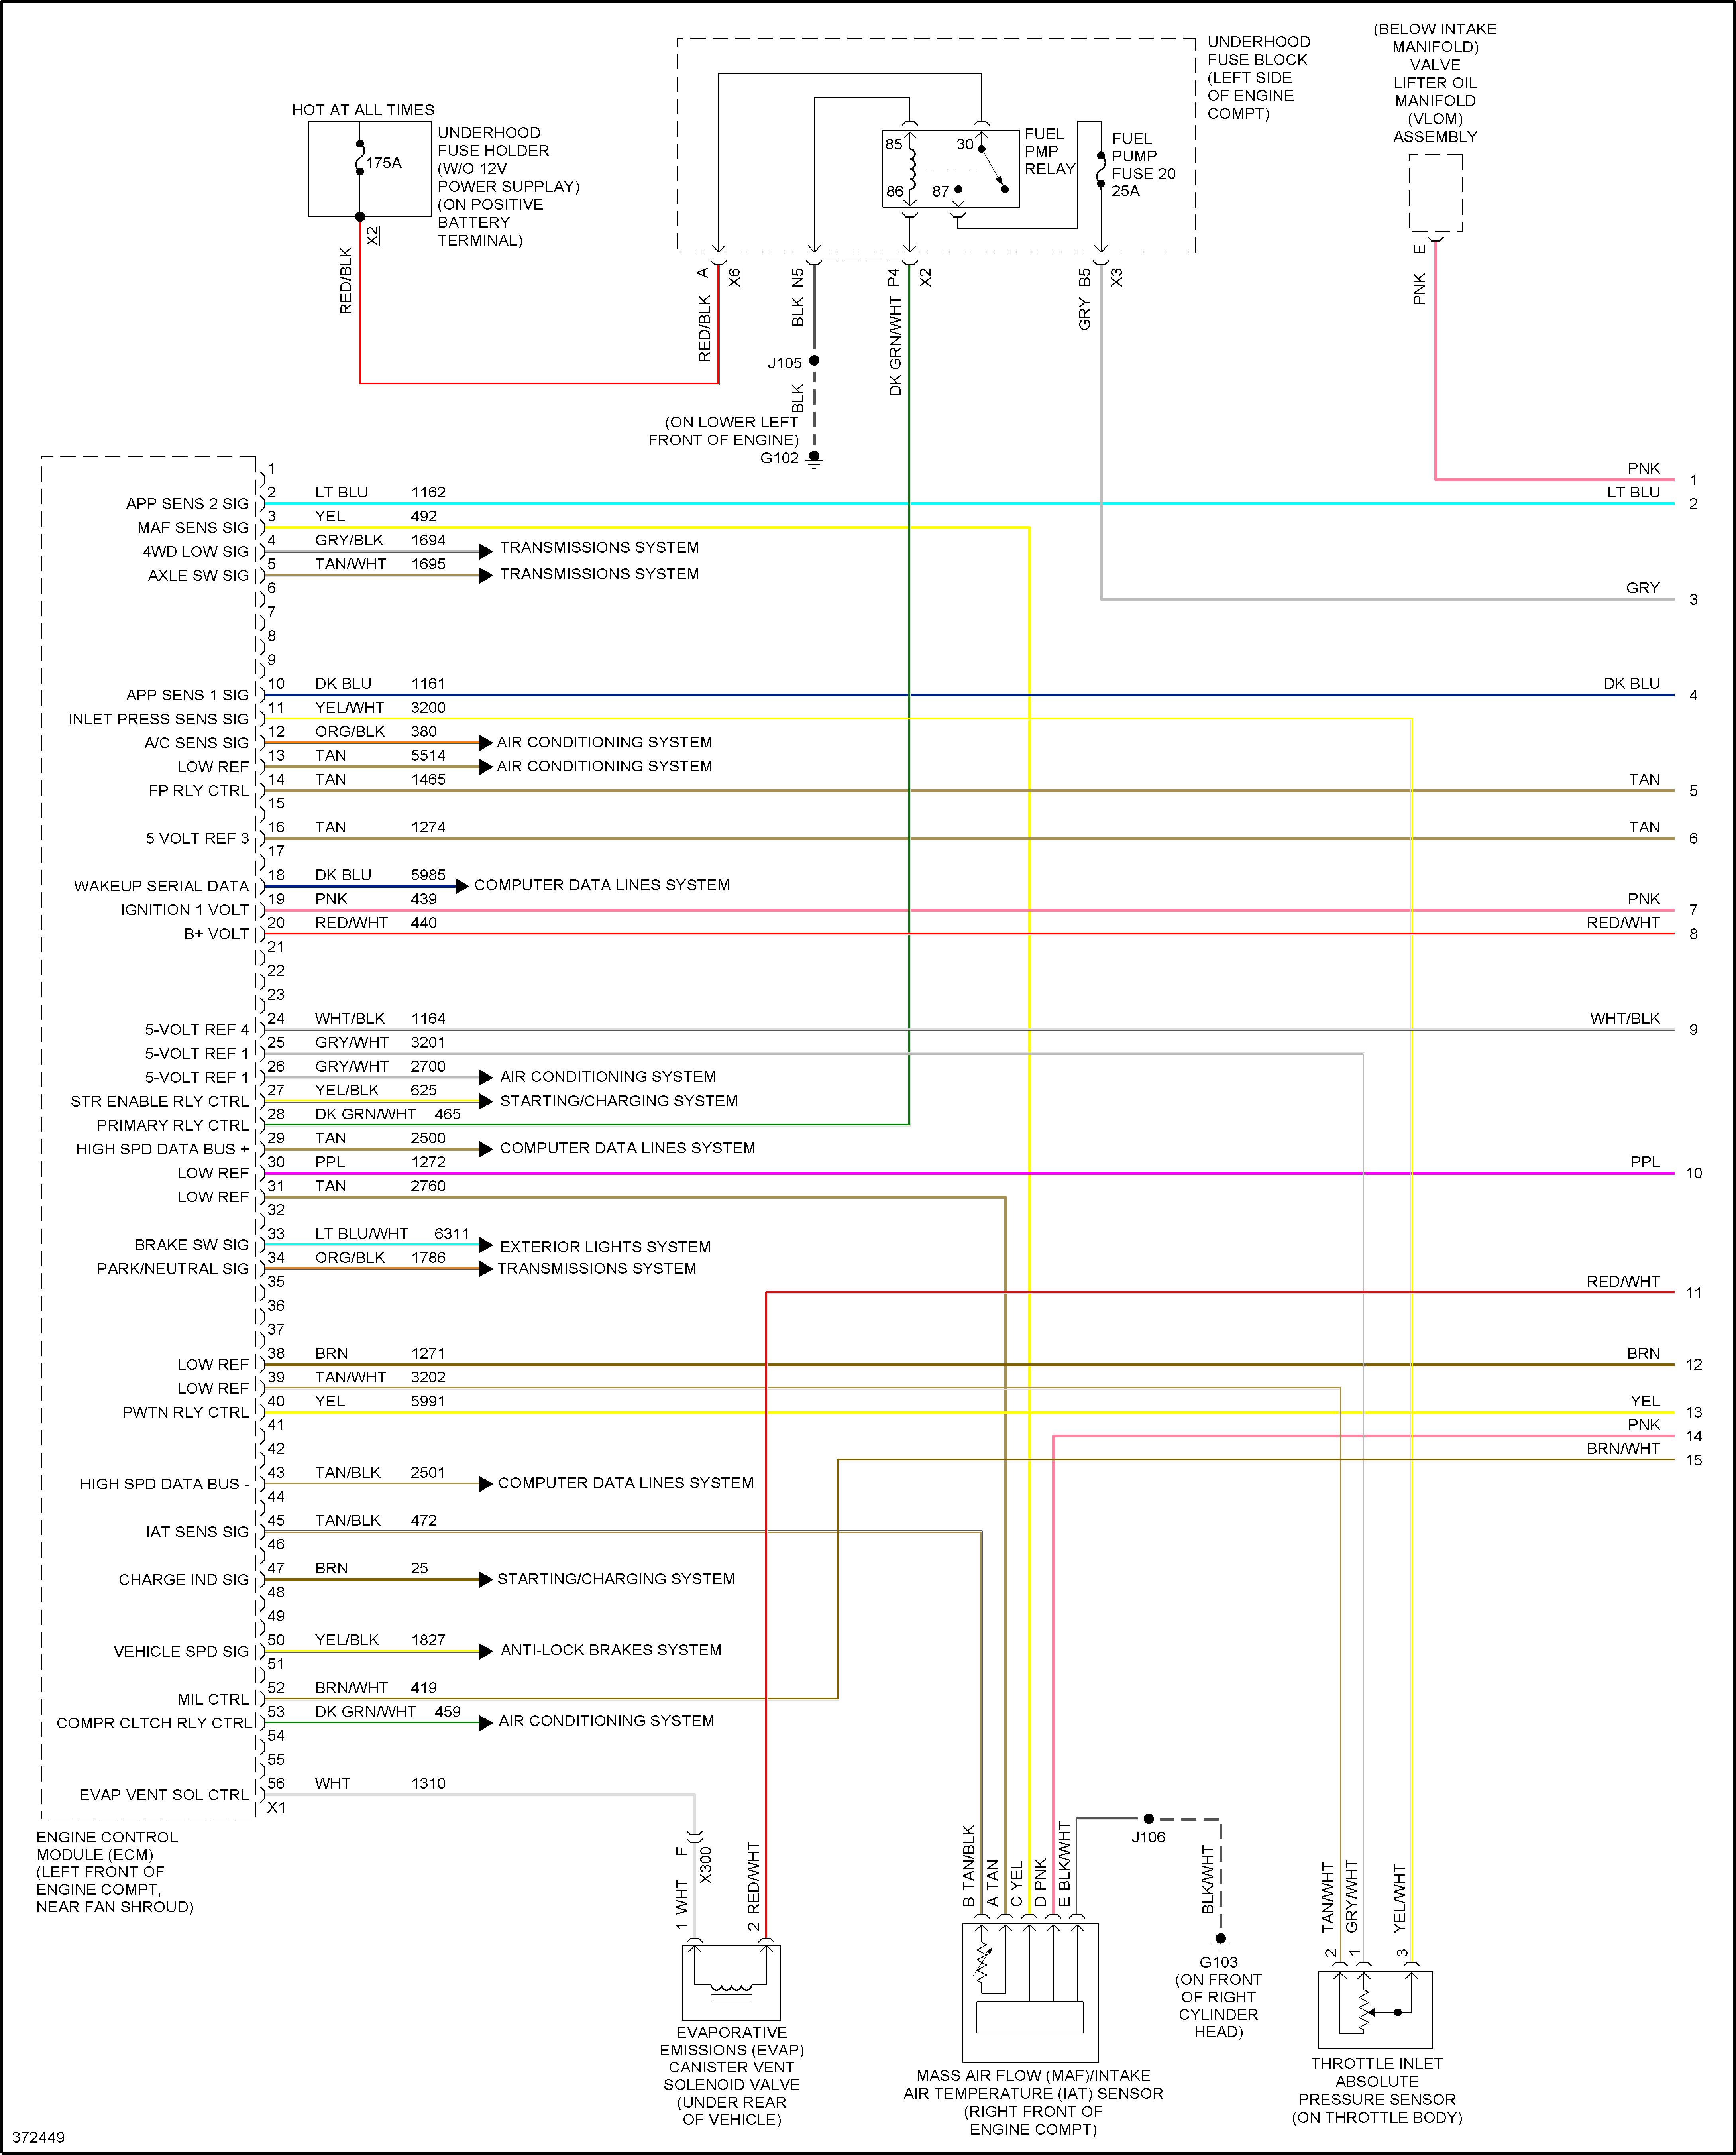 afadcda0-905c-4e8f-9ee4-1ff947ec7776_fuel pump relay circuit.png